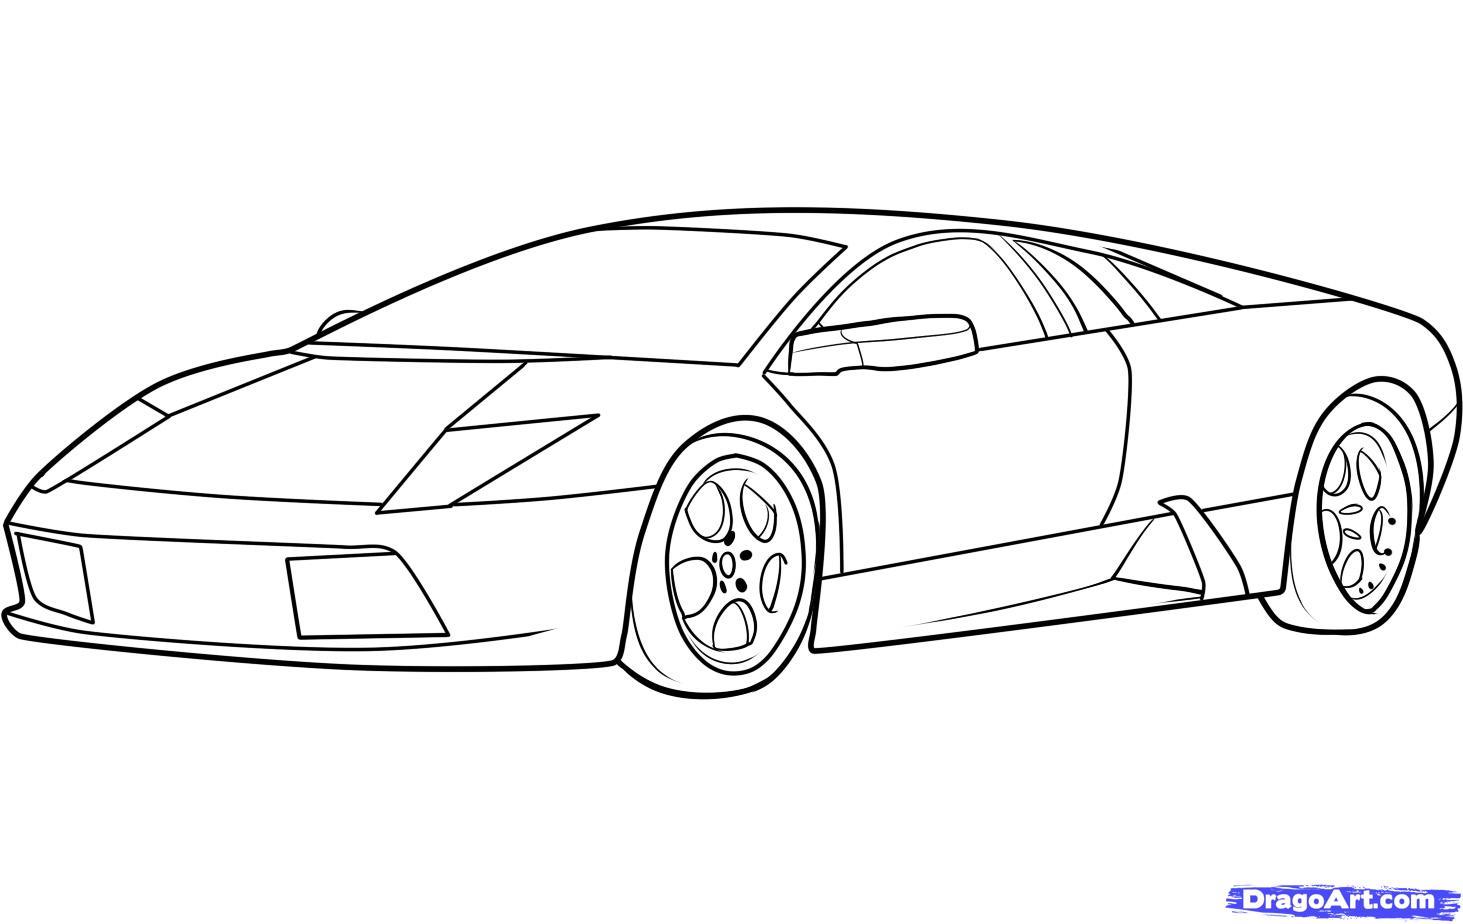 как нарисовать автомобиль lamborghini